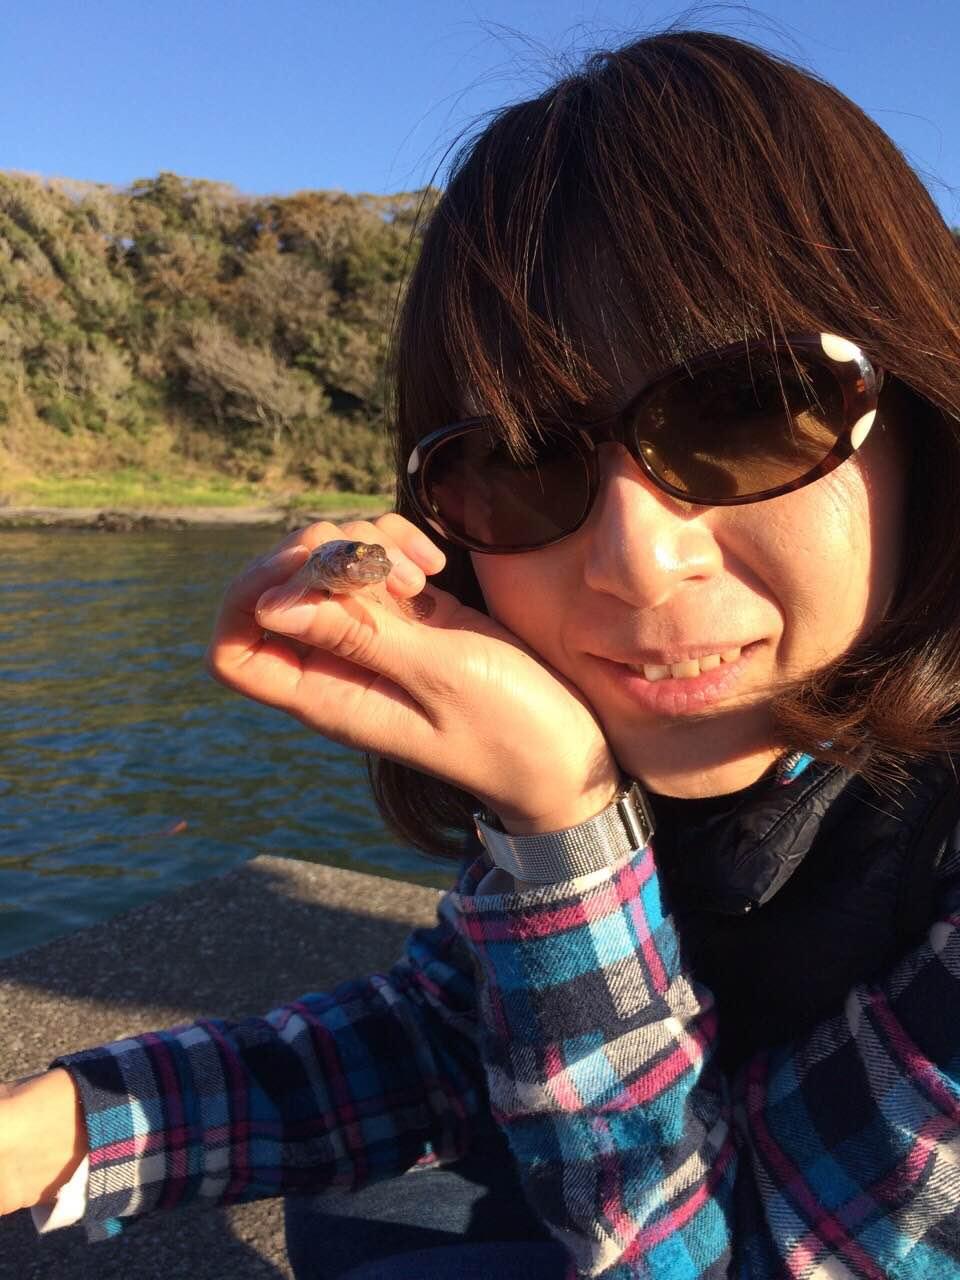 堤防釣りでオハグロベラとの出会い